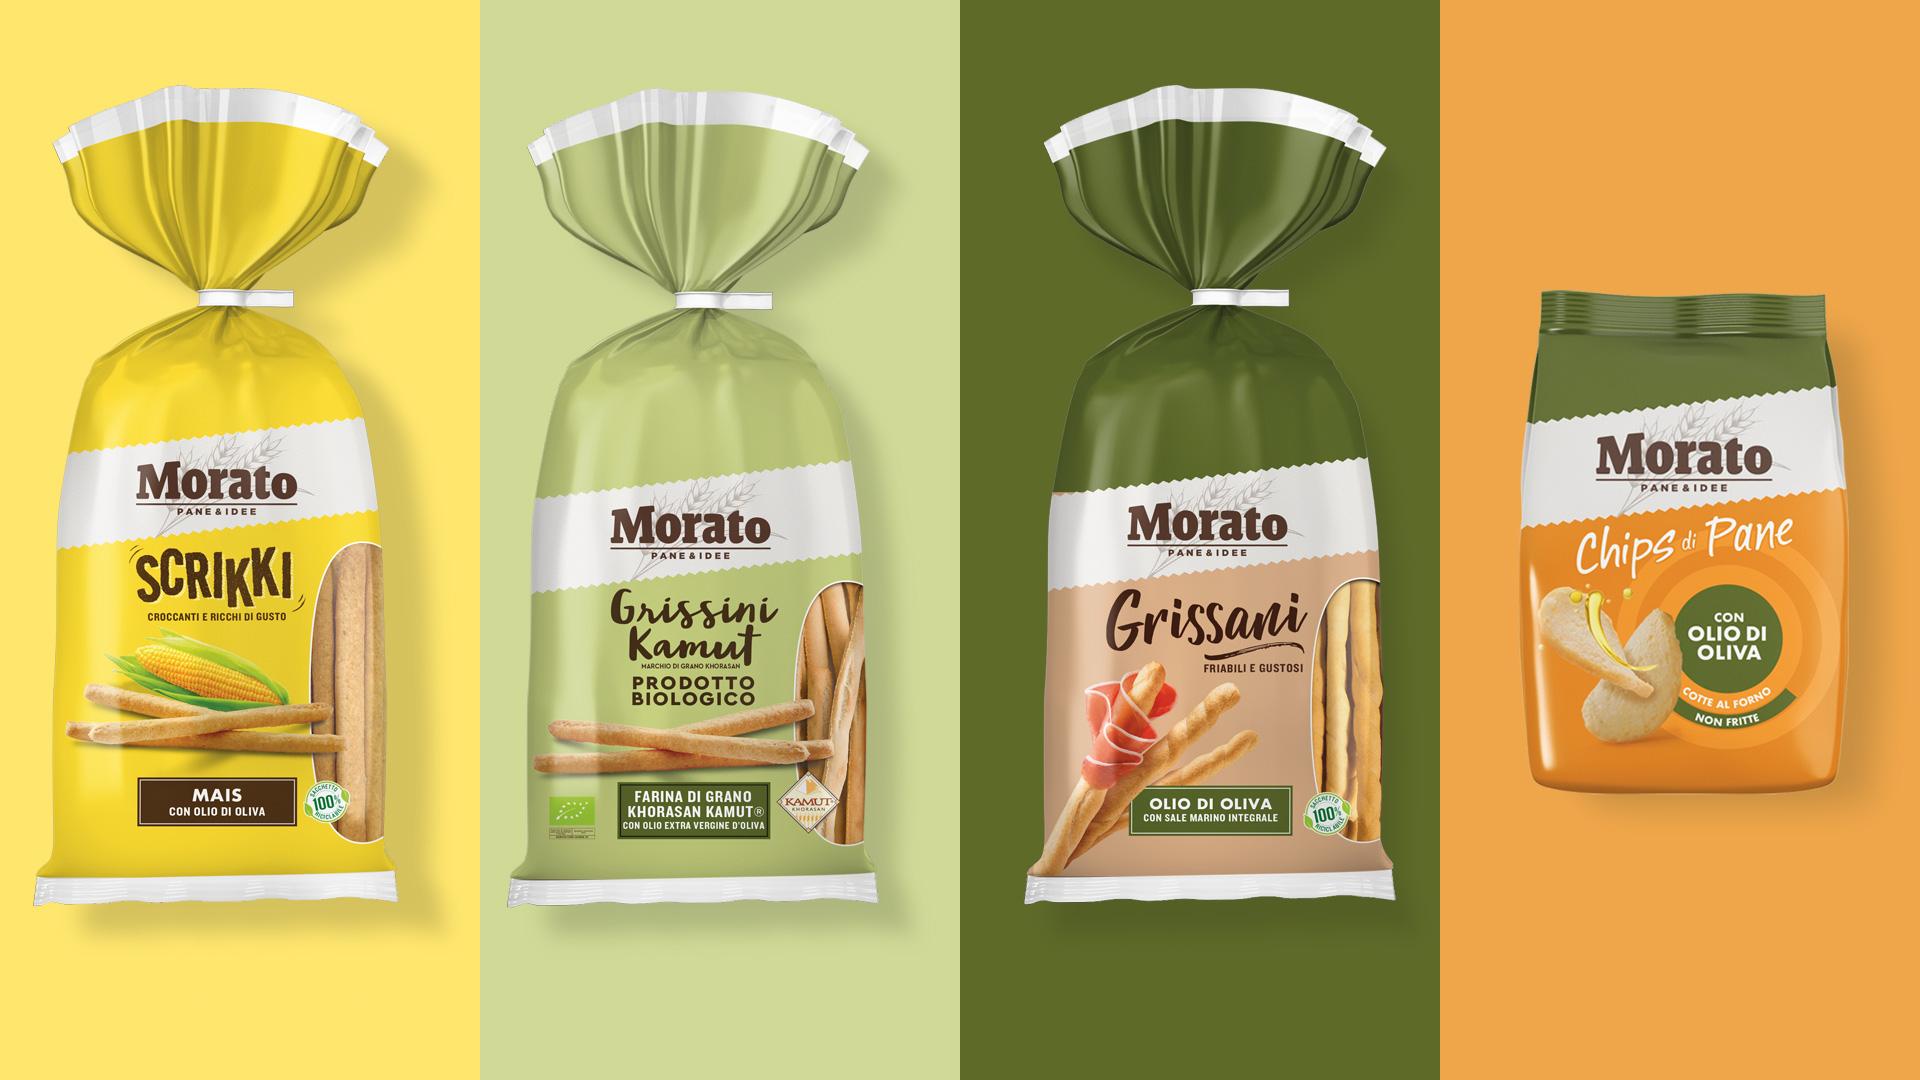 Morato-Rba-Design-003